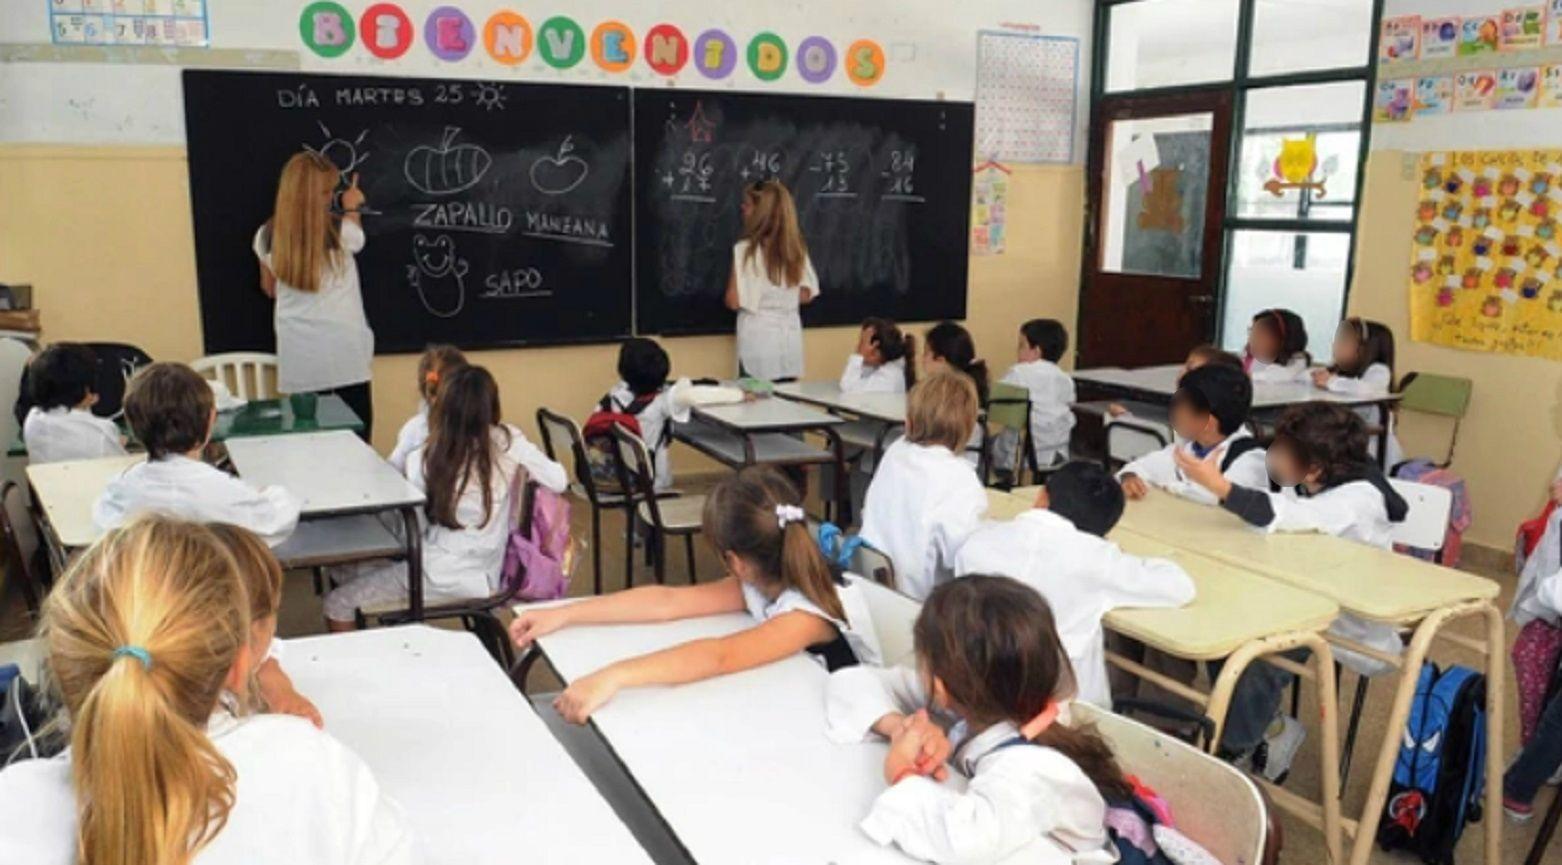 Vuelta al aula: tras el paro de 72 horas, se regularizan las clases en todo el país